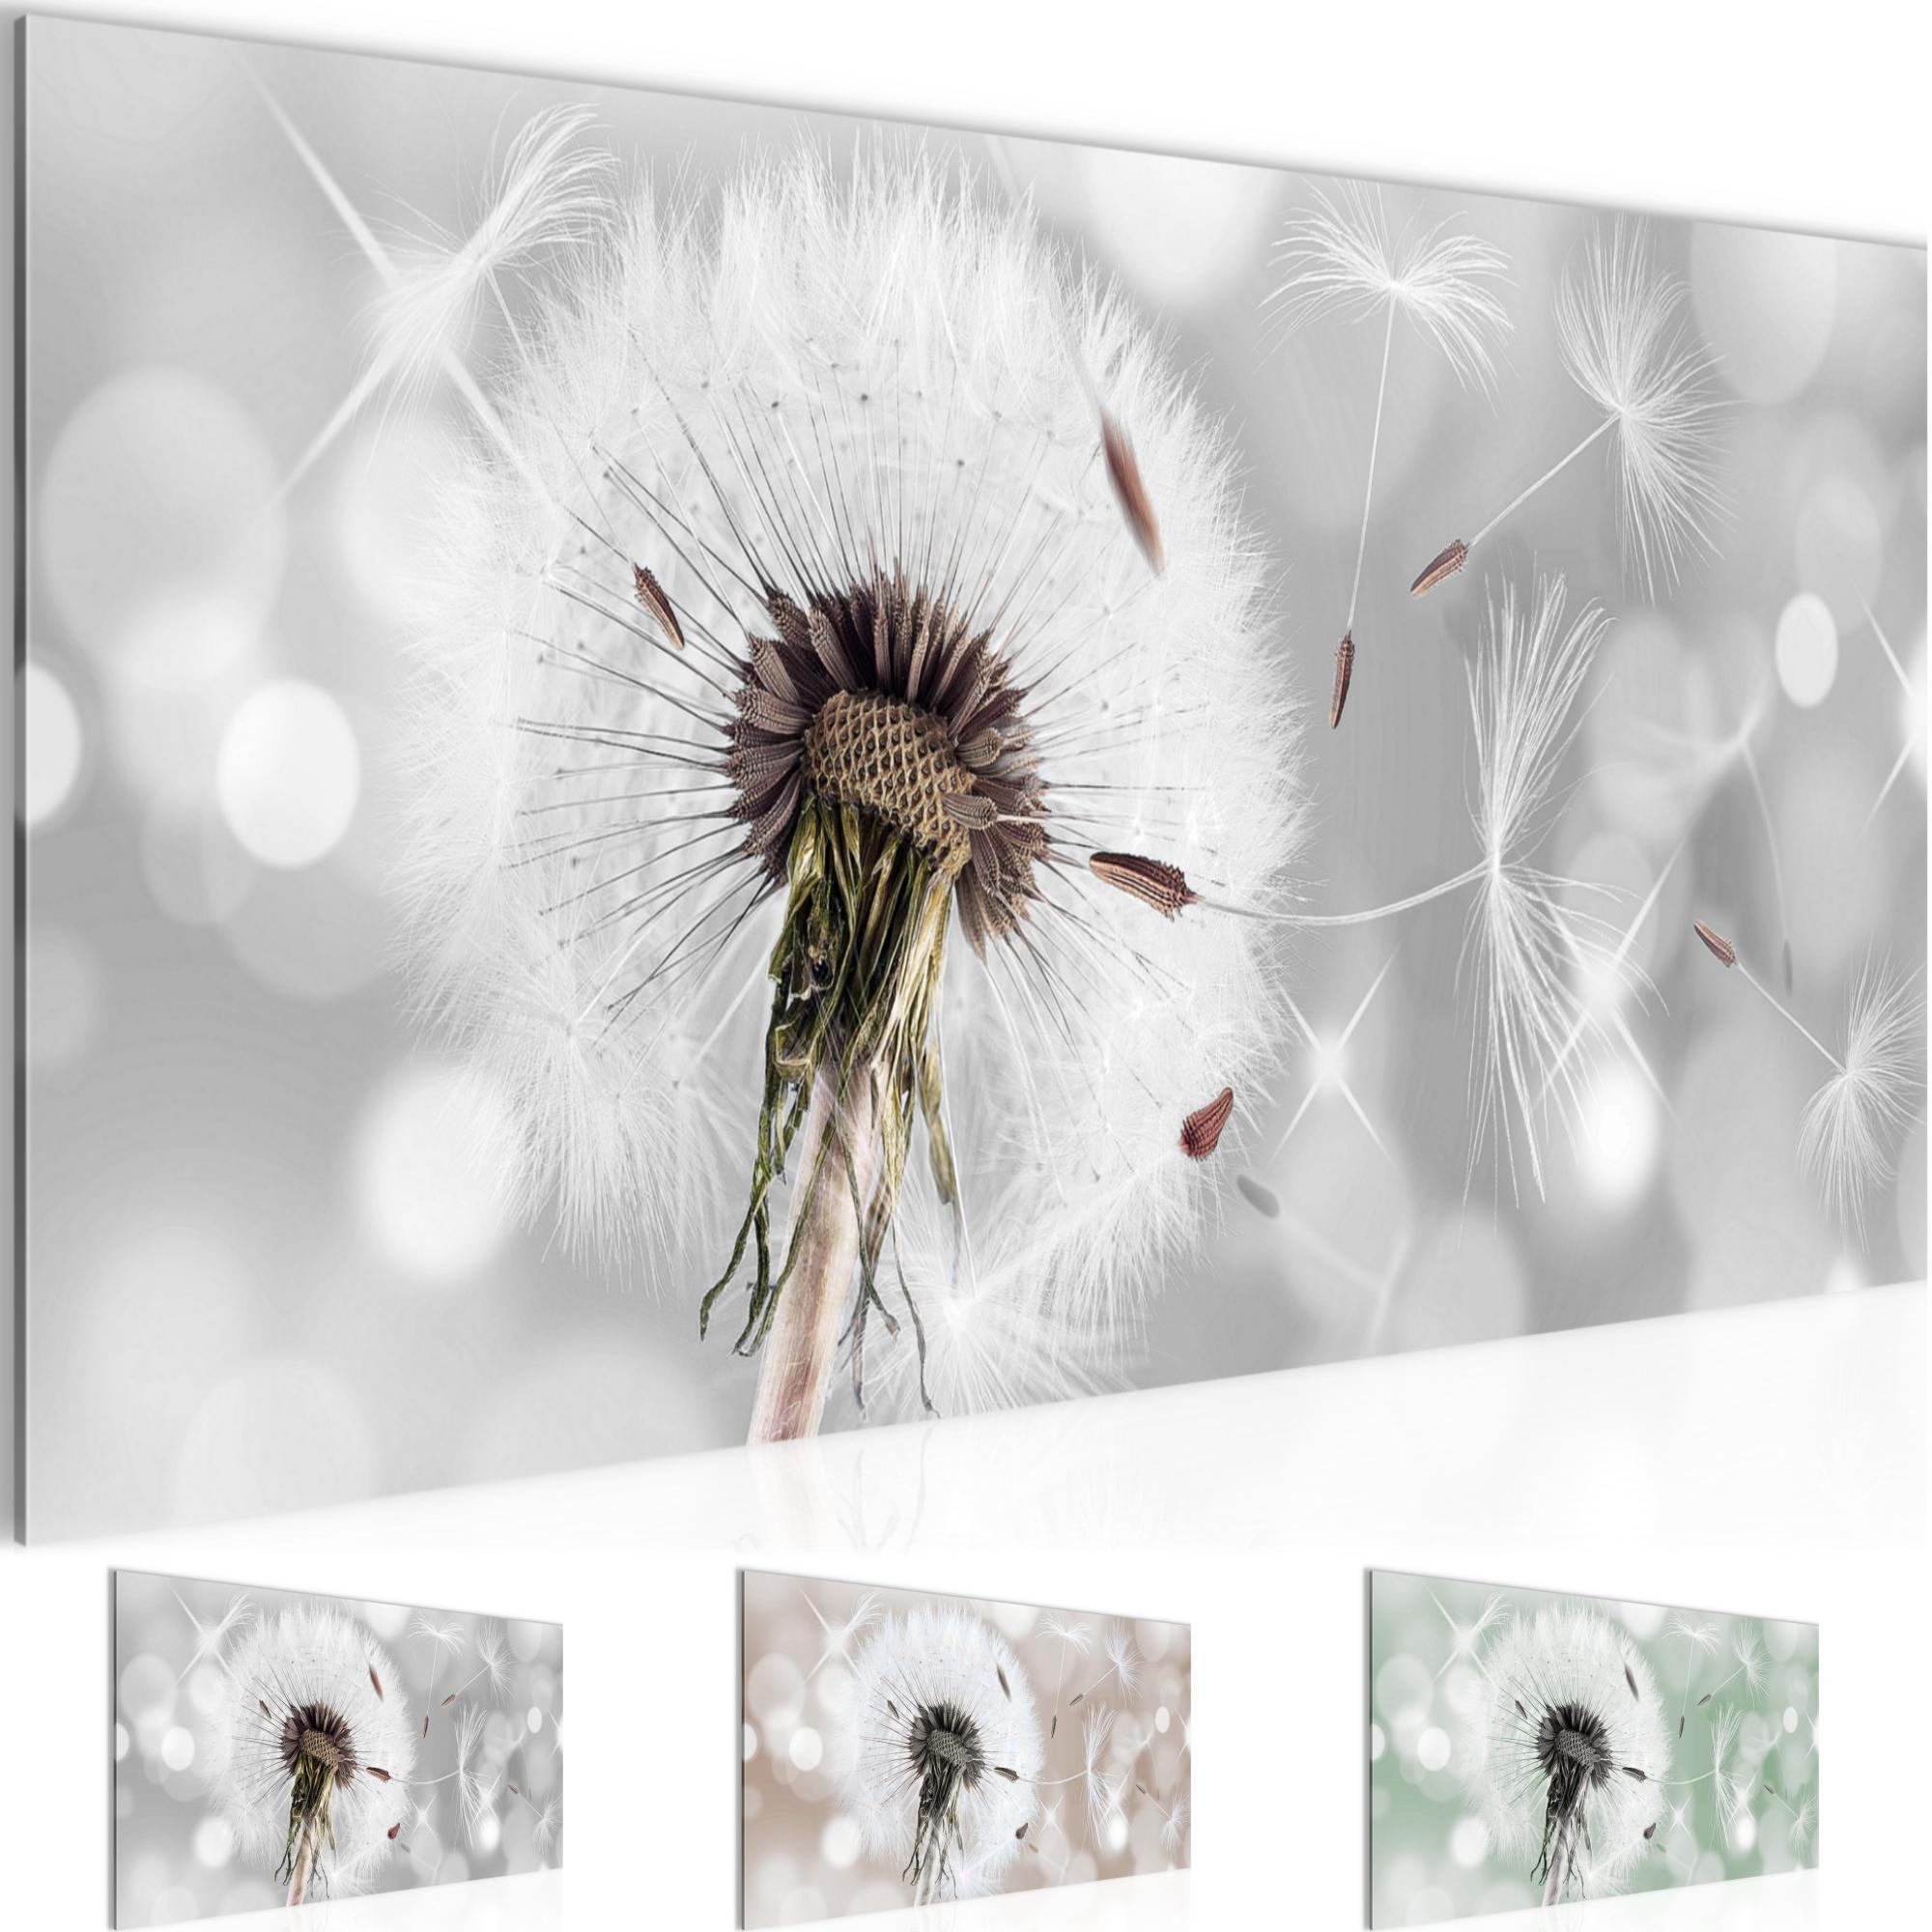 blumen pusteblume bild kunstdruck auf vlies leinwand xxl dekoration 211212p. Black Bedroom Furniture Sets. Home Design Ideas